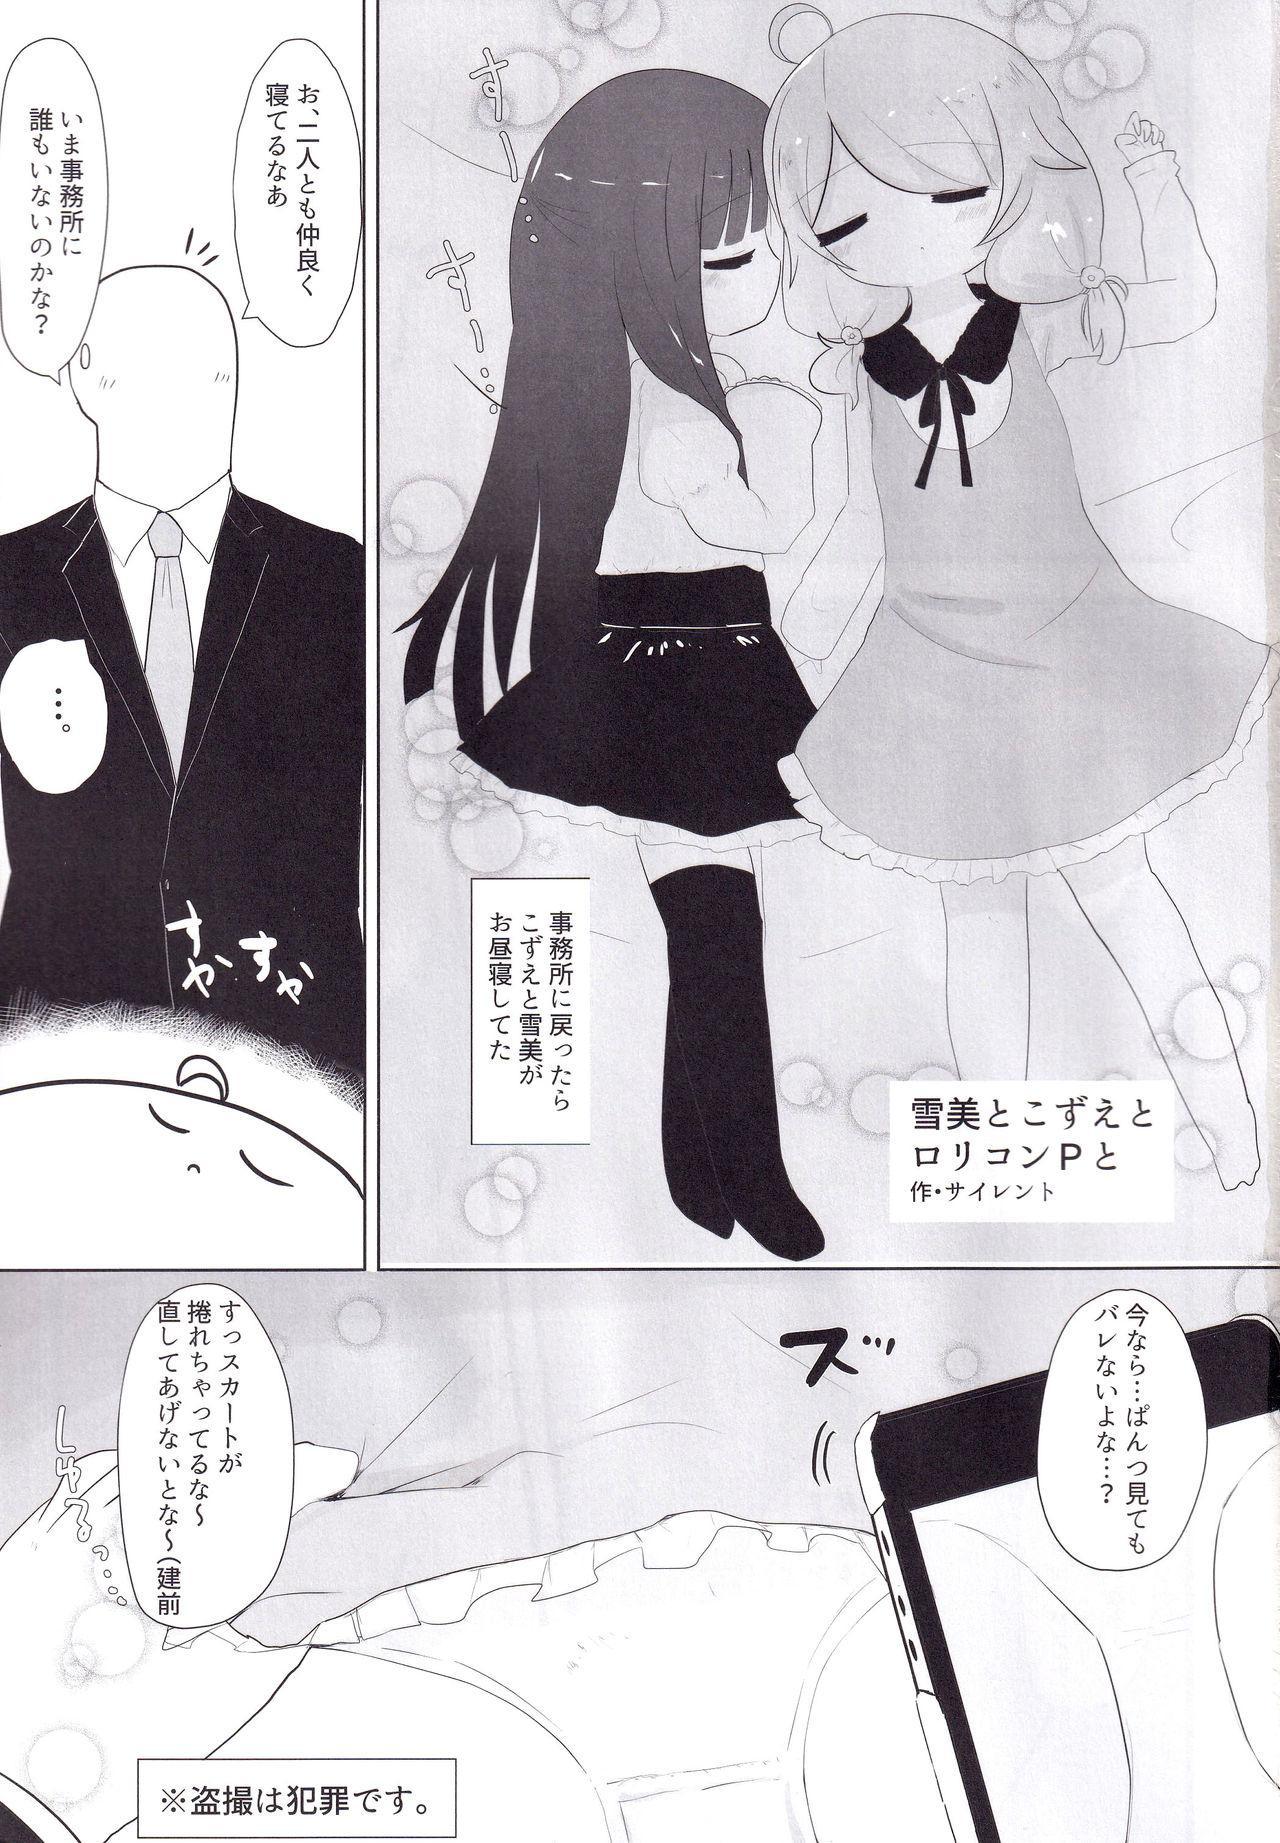 Yukimi to Kozue to Lolicon P to 1